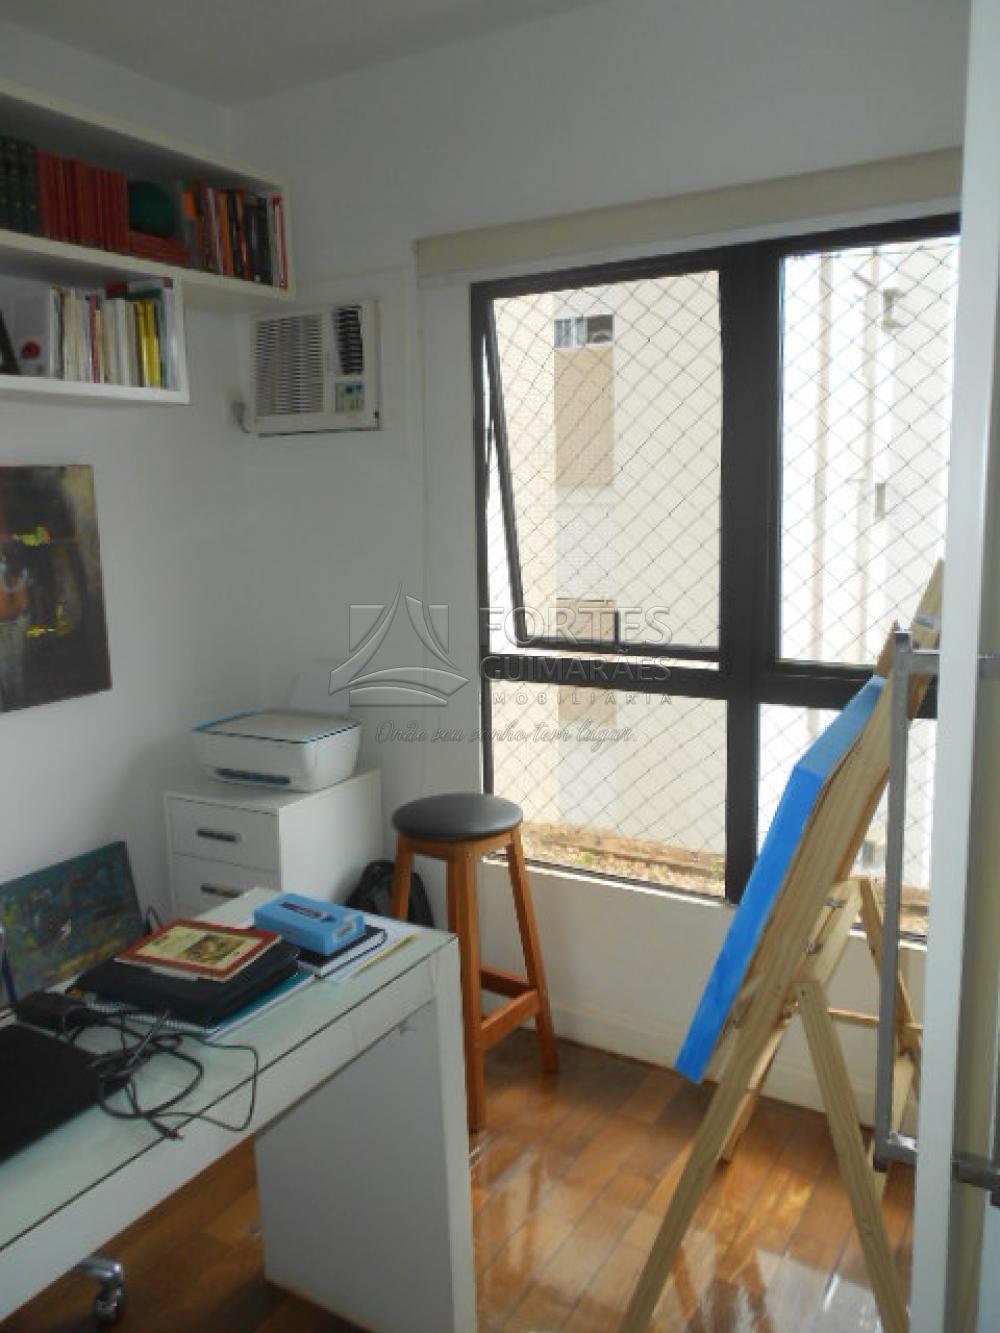 Alugar Apartamentos / Padrão em Ribeirão Preto apenas R$ 3.800,00 - Foto 20